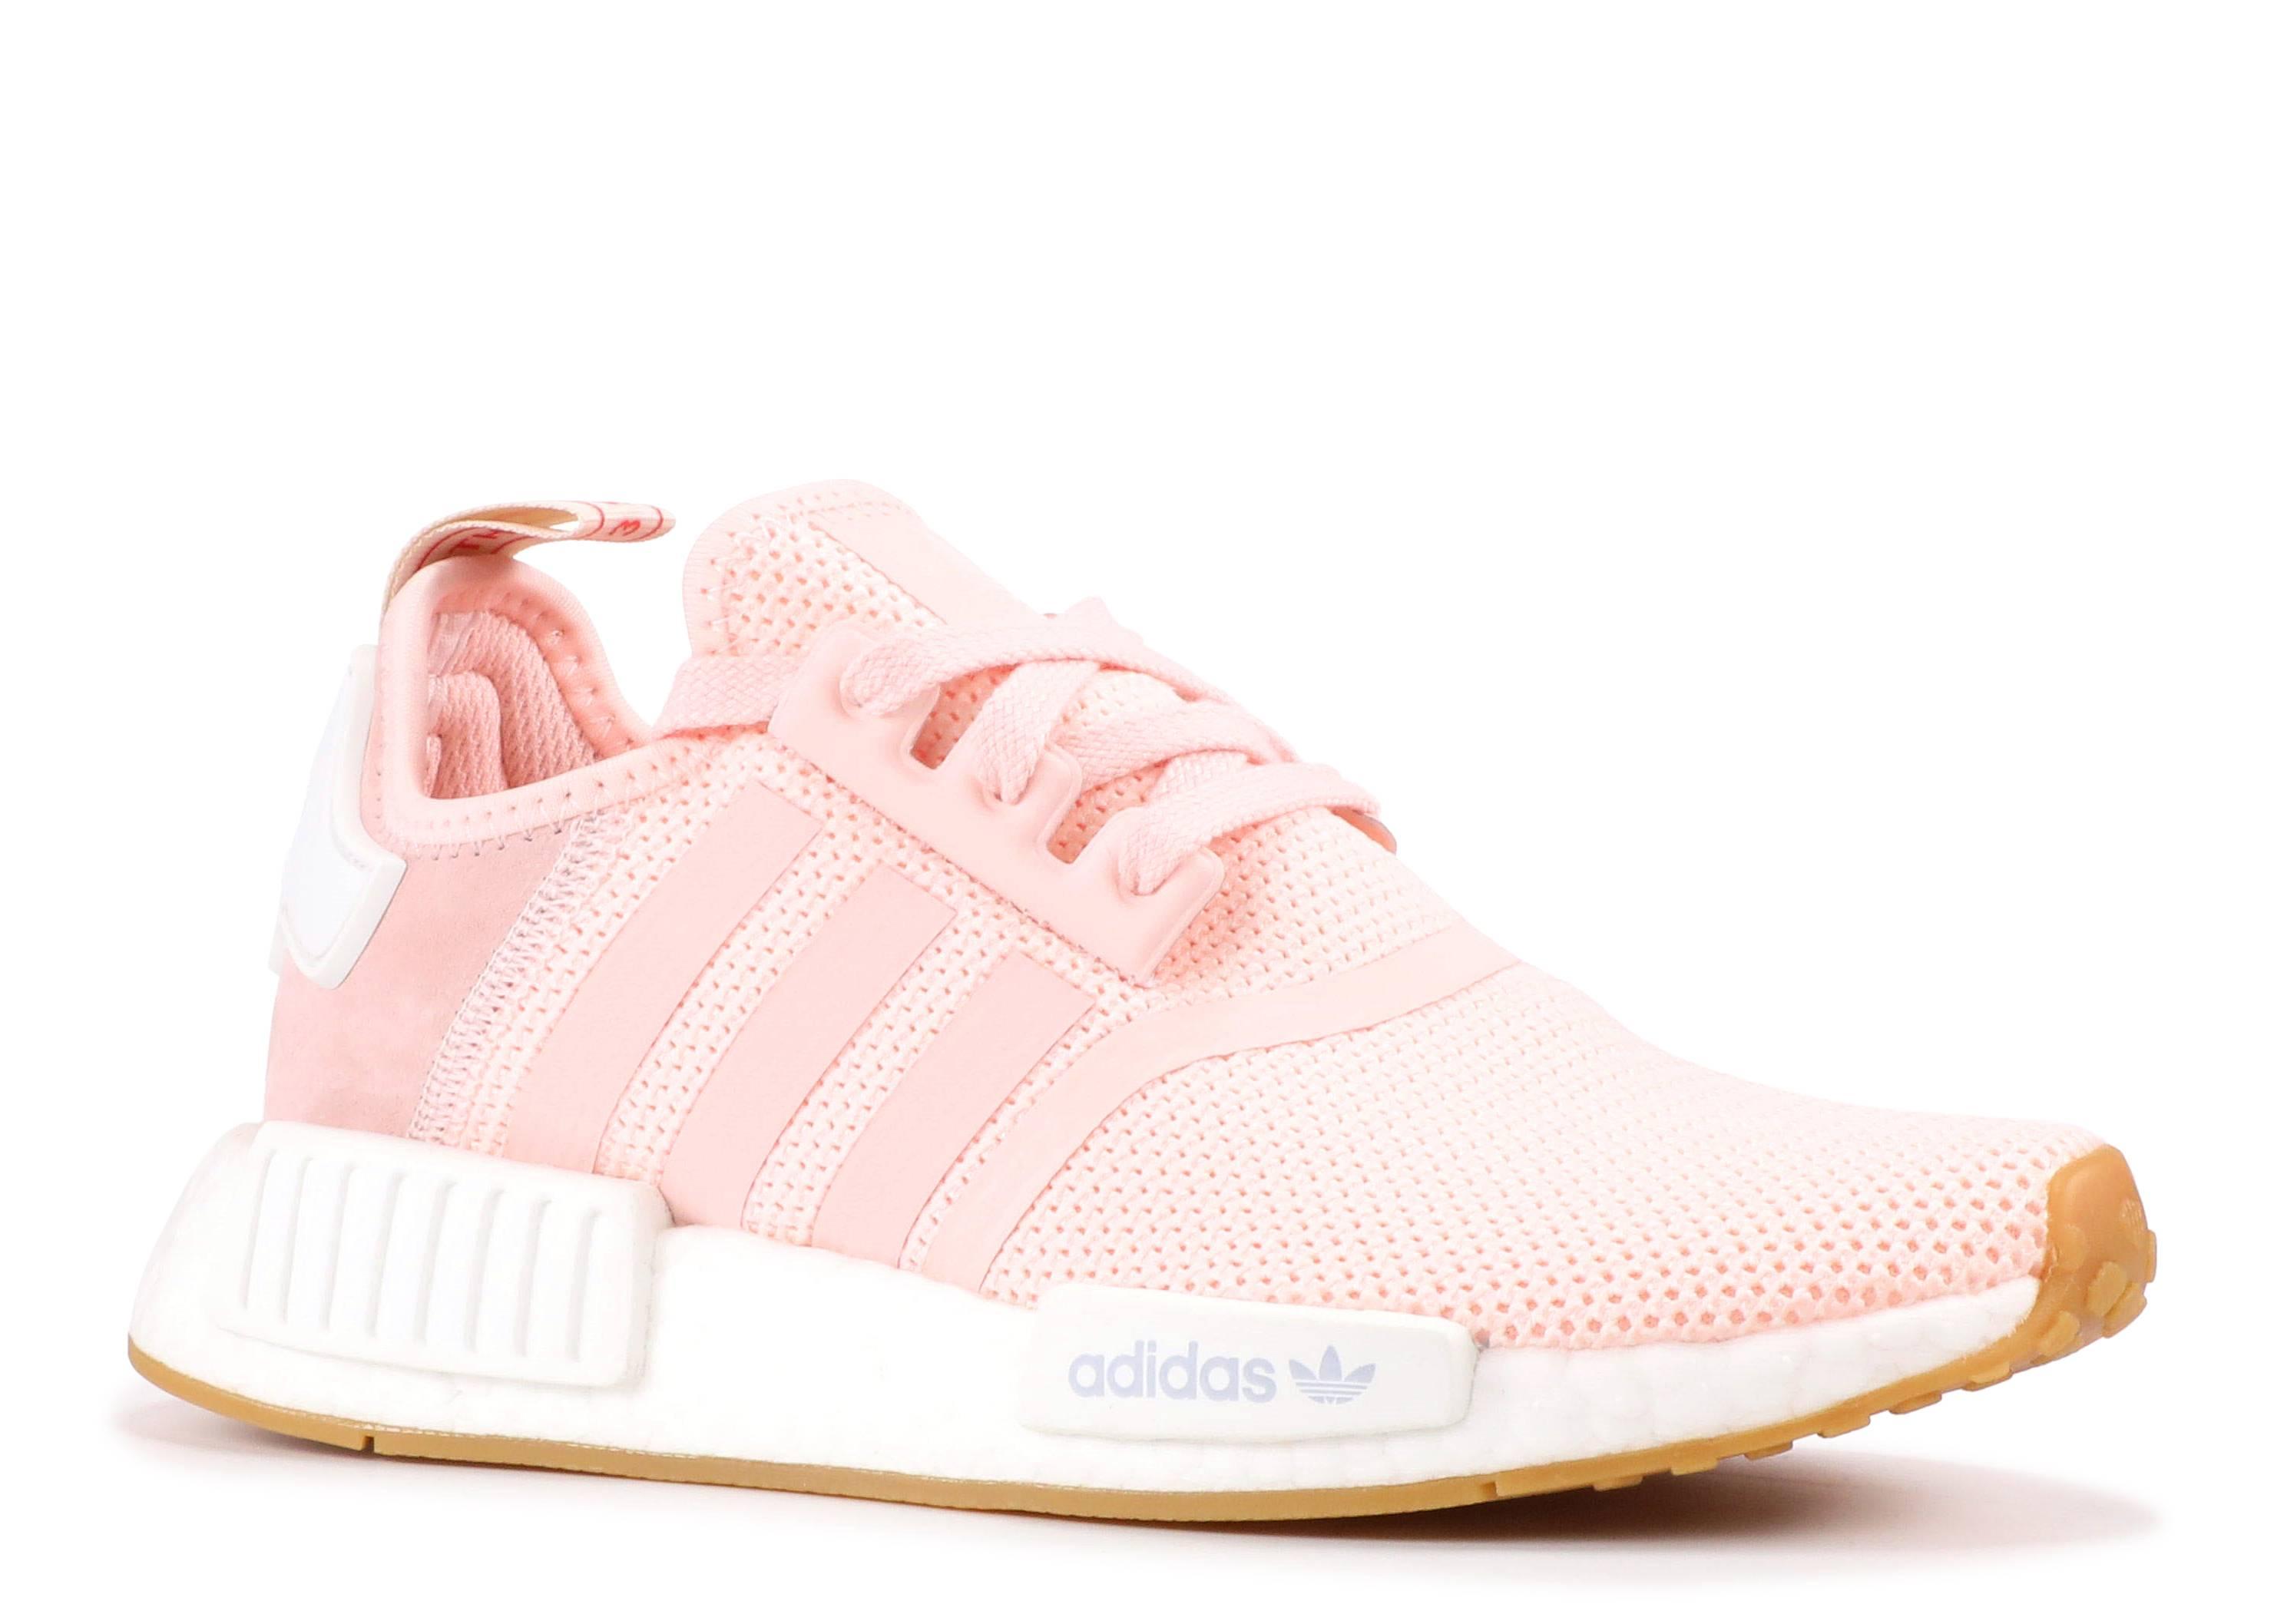 56ebb3b32df Nmd R1 W - Adidas - bb7588 - pink white gum